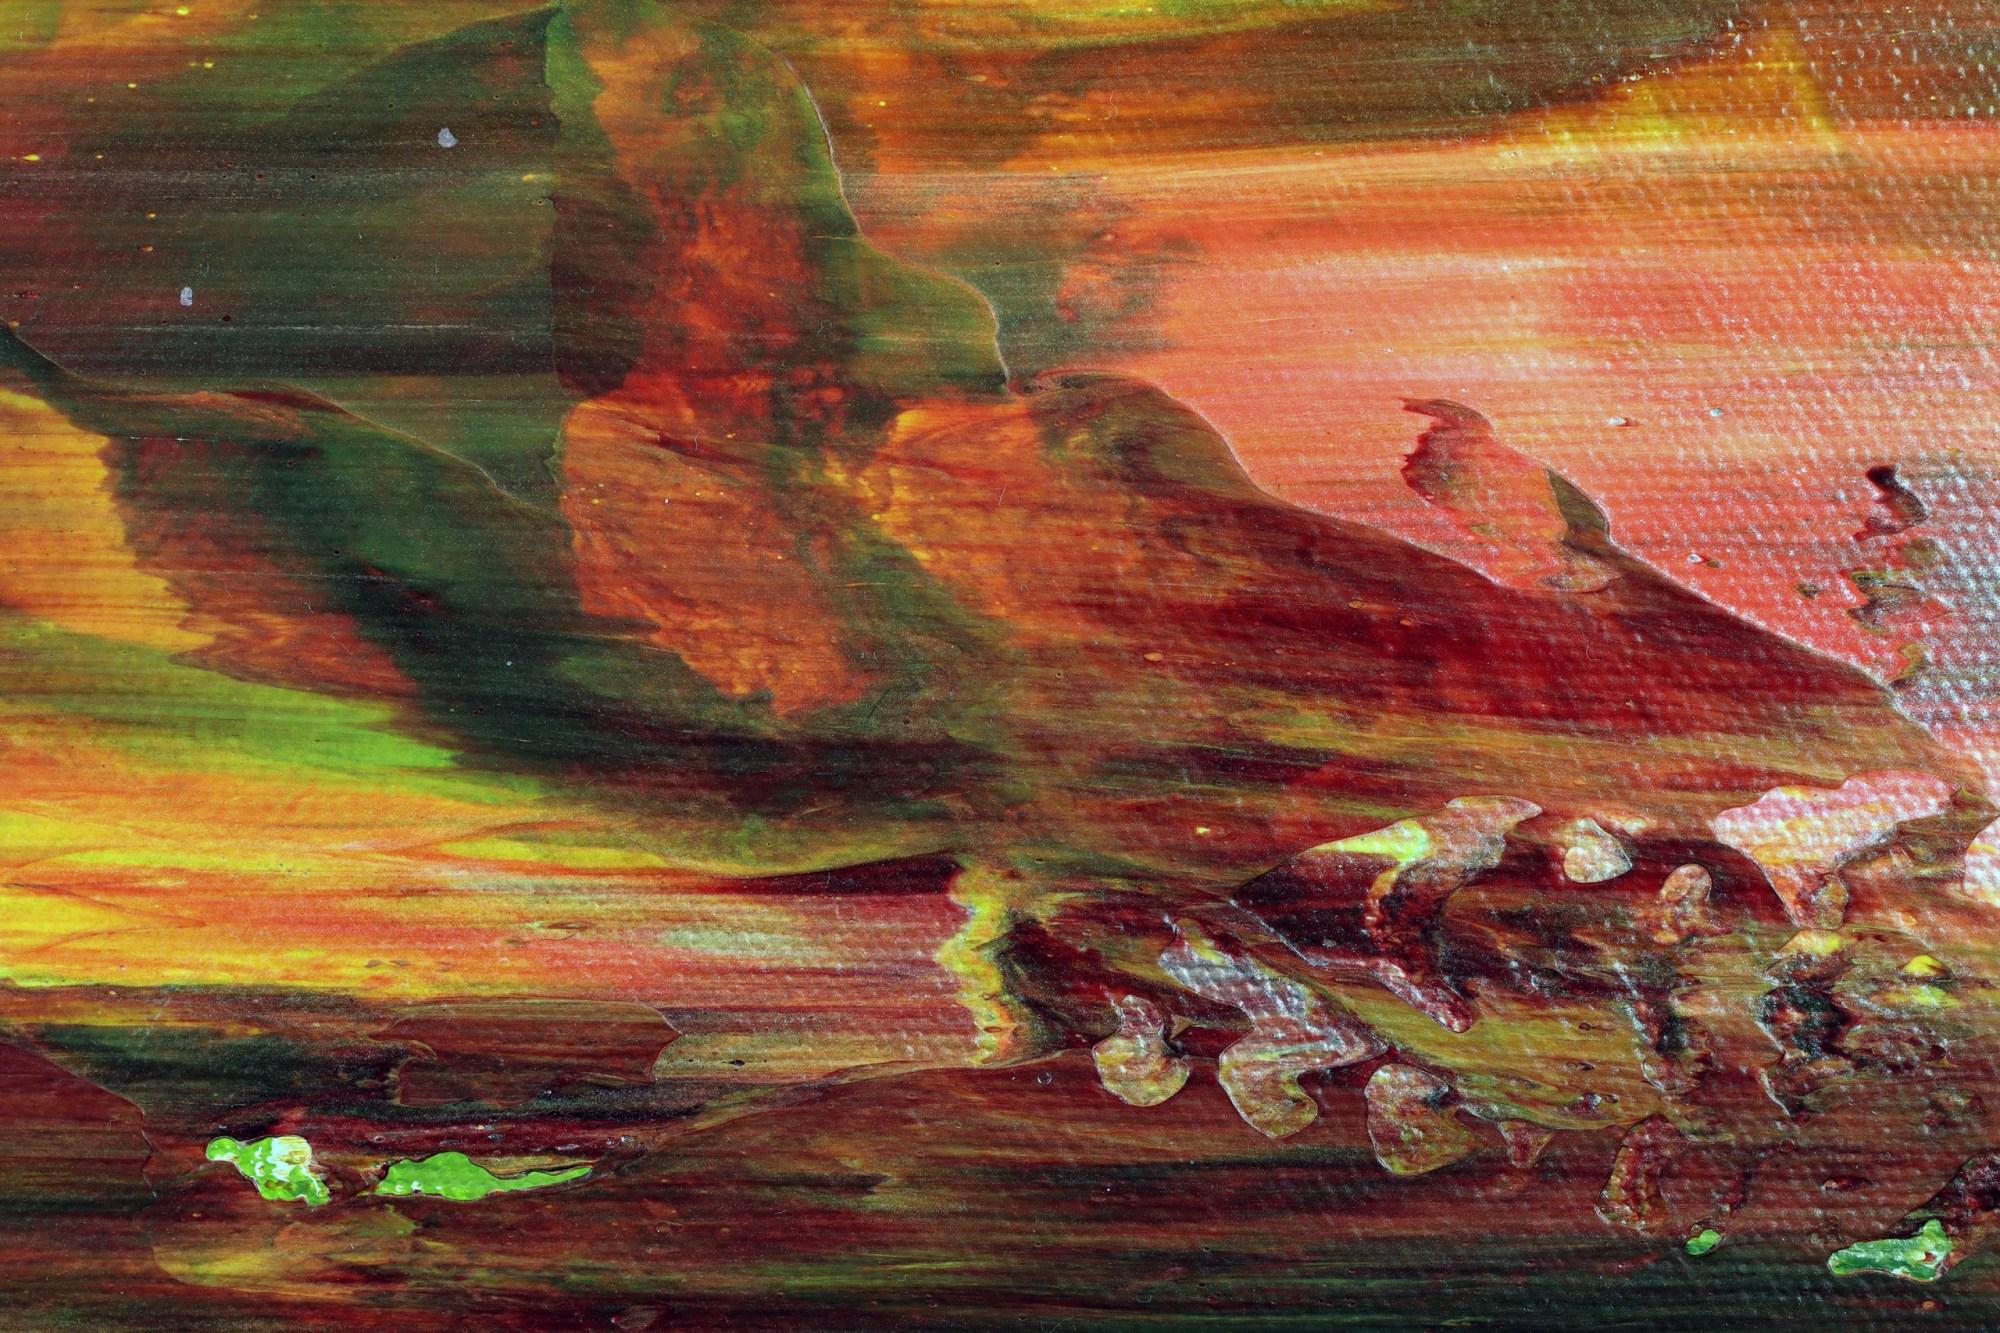 DETAIL / Summer Harvest Panorama 2 (2021) by Nestor Toro